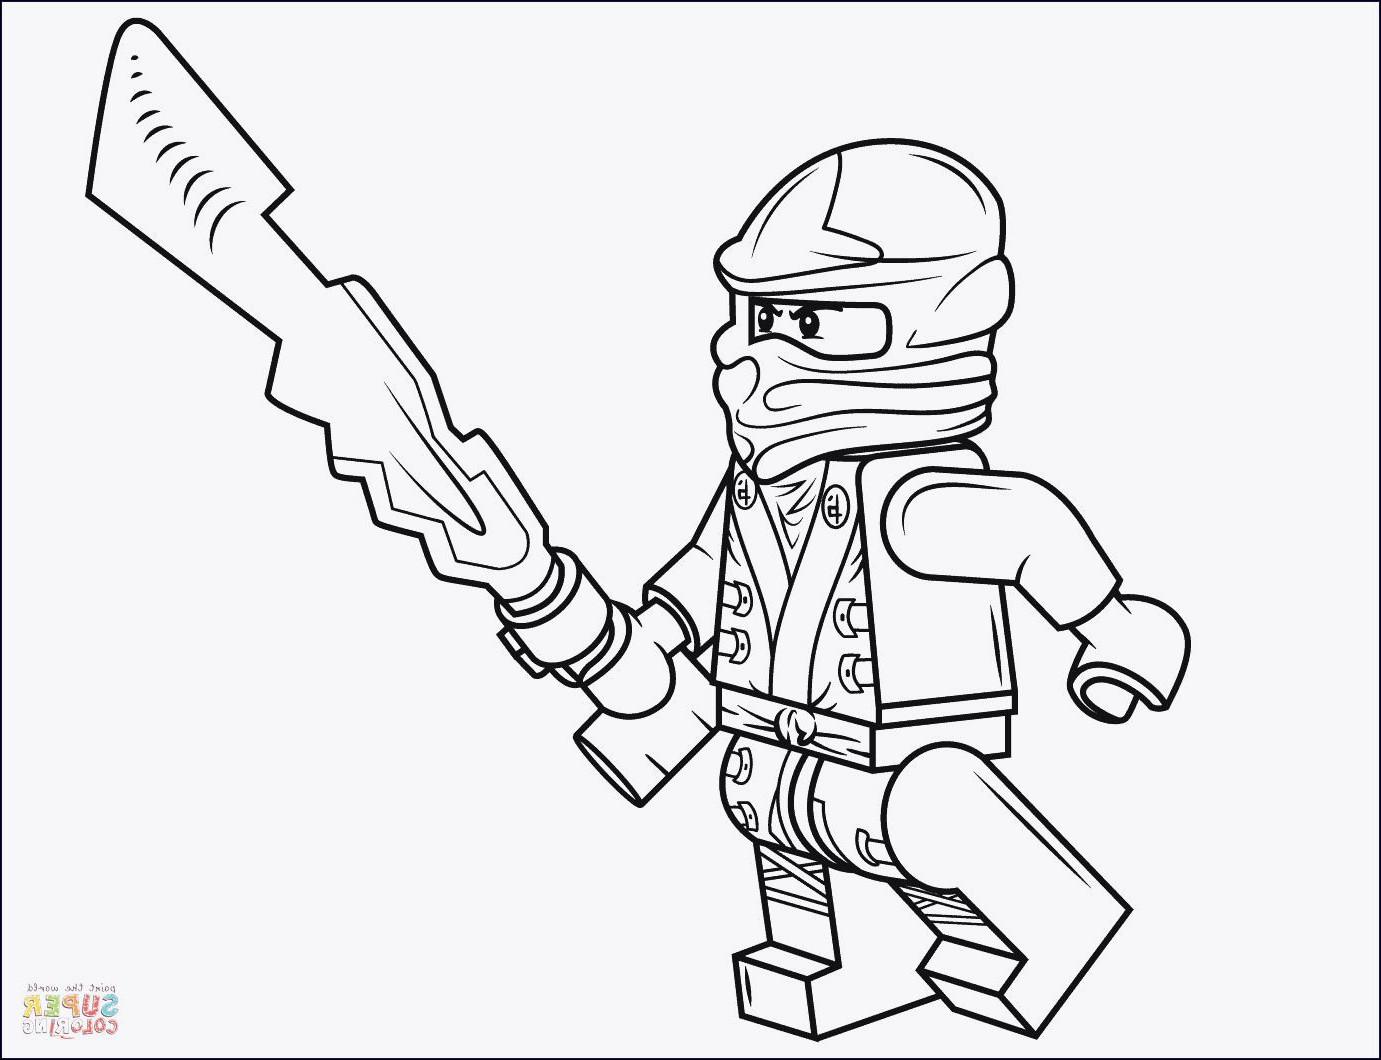 Ninjago Bilder Zum Ausdrucken Kostenlos Einzigartig 29 Fantastisch Ninjago Ausmalbilder – Malvorlagen Ideen Fotos